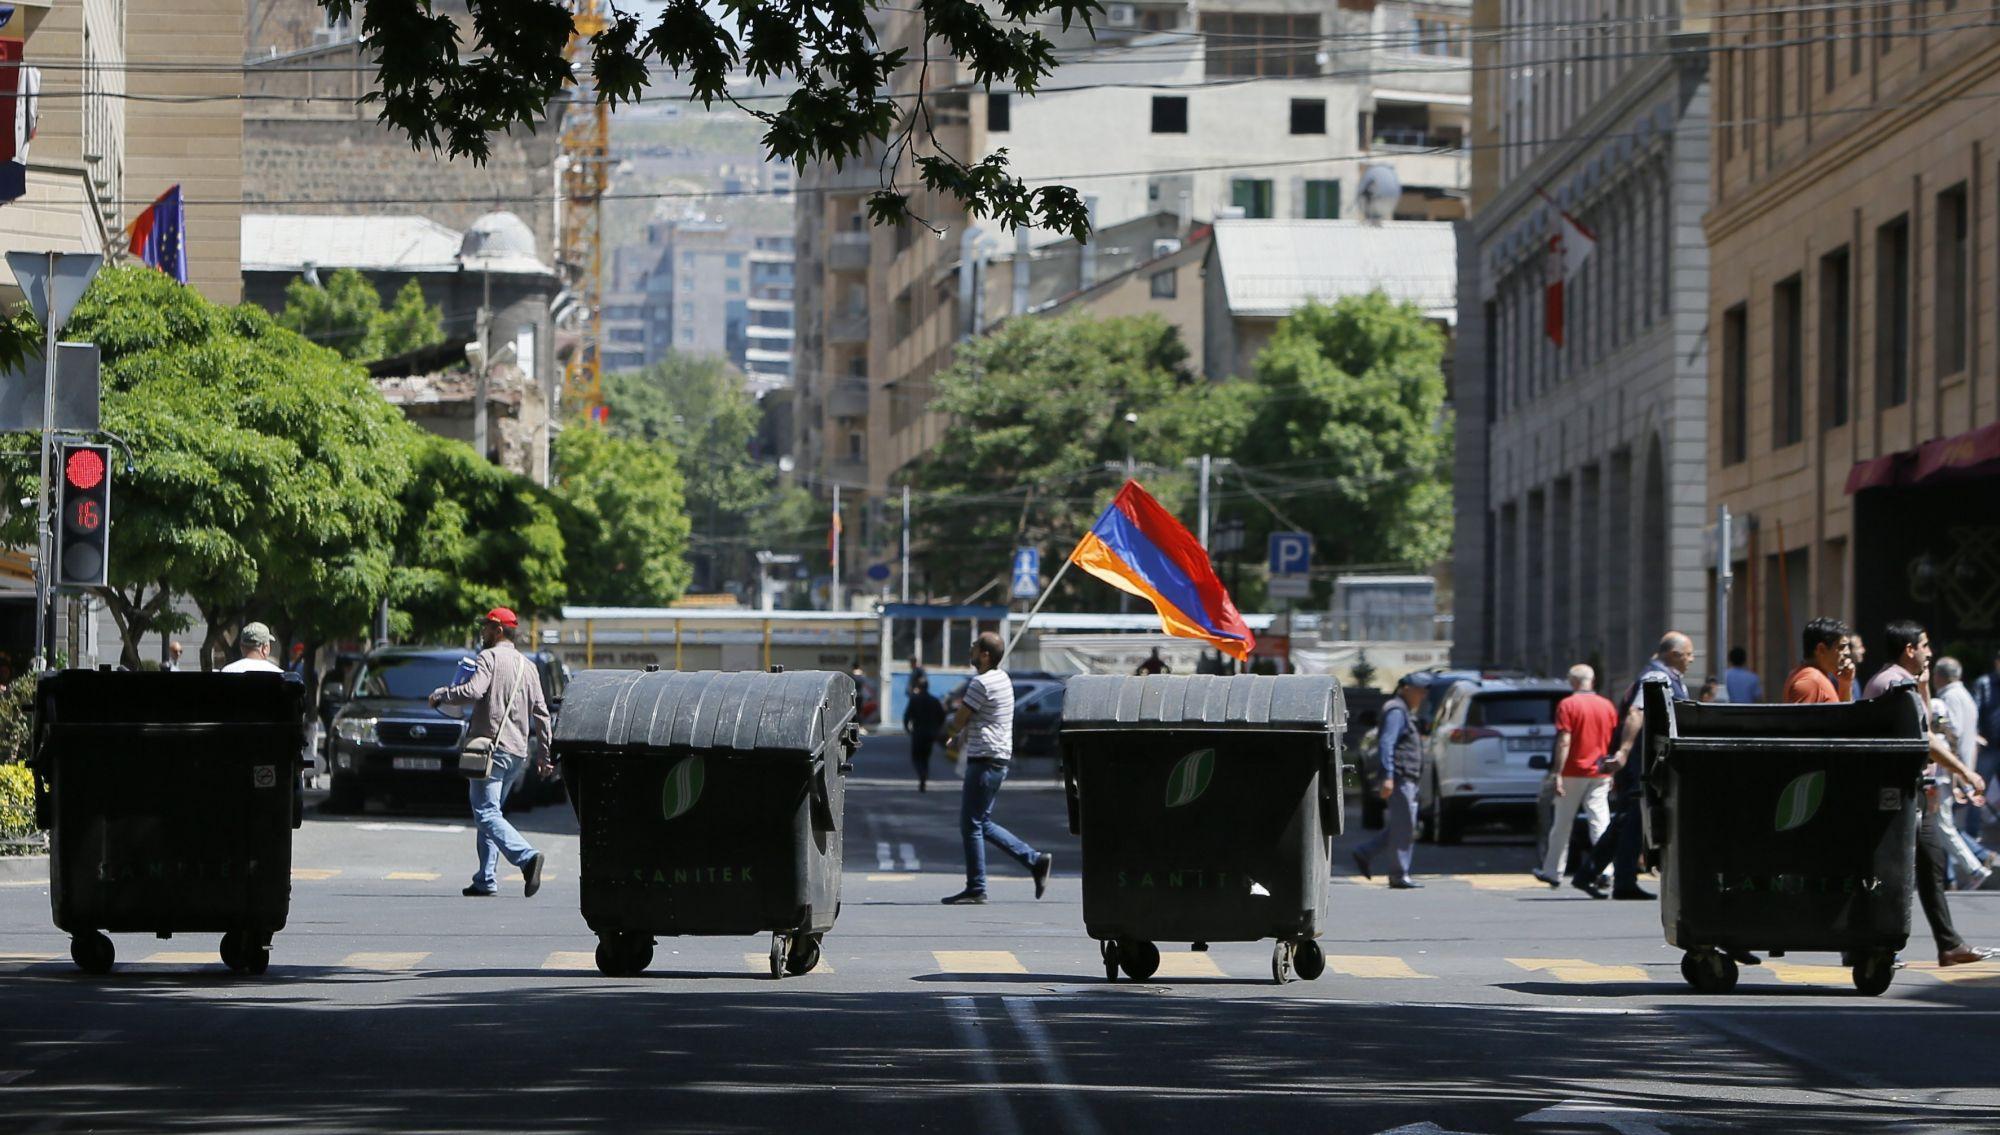 Nikol Pasinján örmény ellenzéki vezető támogatói szemetesekkel zárnak el egy utat a fővárosban, Jerevánban tartott tüntetésükön 2018. május 2-án. Az előző napon a parlament rendkívüli ülésén nem választotta meg Pasinjánt miniszterelnökké, aki a döntés miatt tömeges polgári engedetlenségi akciók indítására szólította fel híveit. (MTI/EPA/Zurab Kurtsikidze)